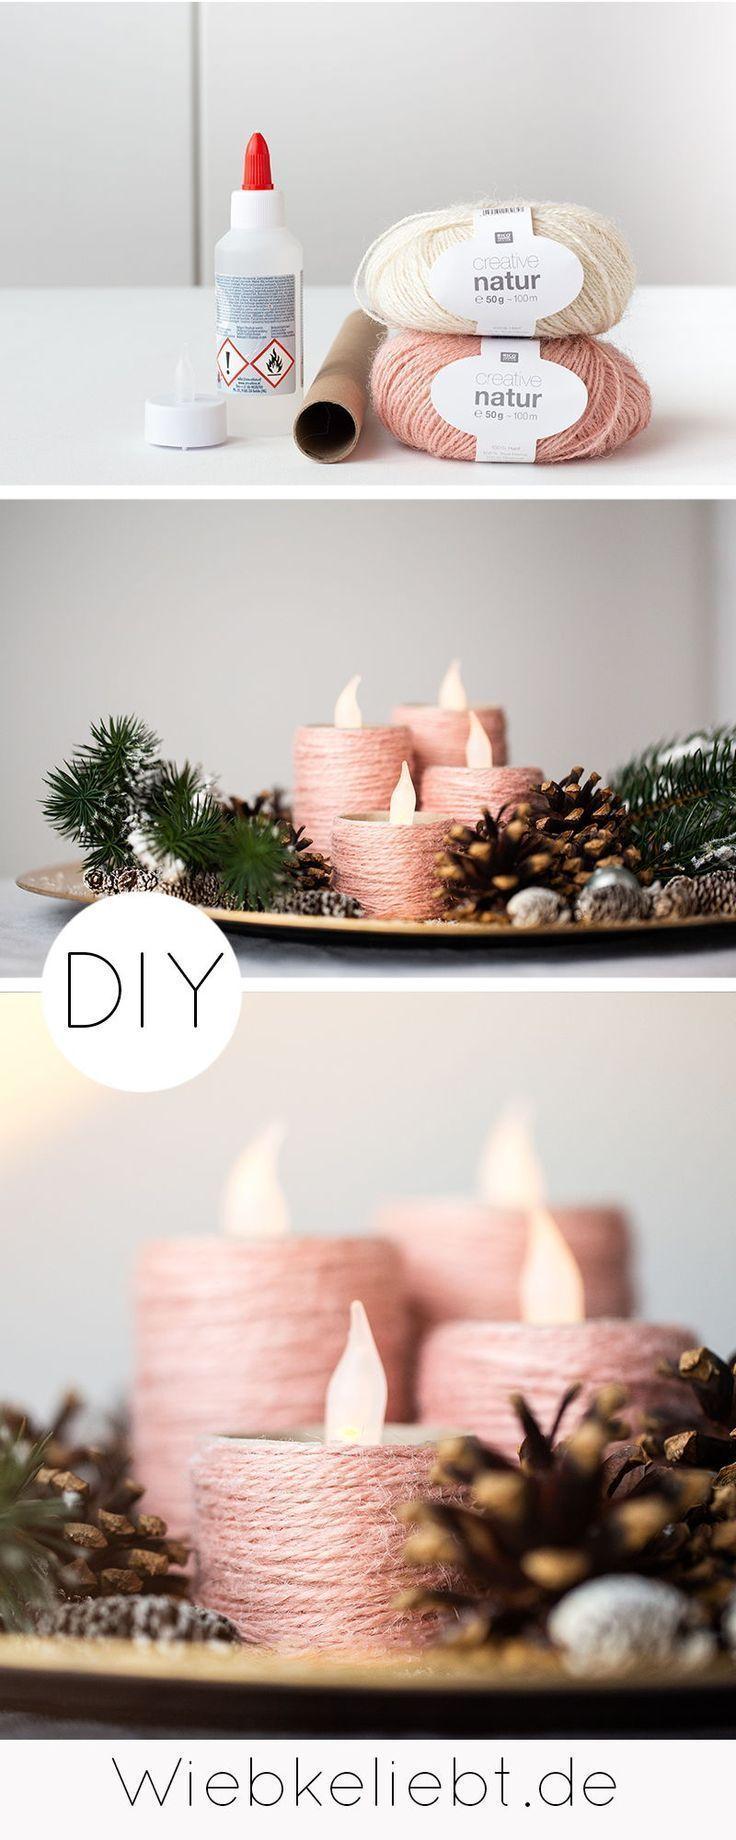 Photo of DIY Weihnachten – Adventskerzen aus Pappe und Hanfgarn – Basteli